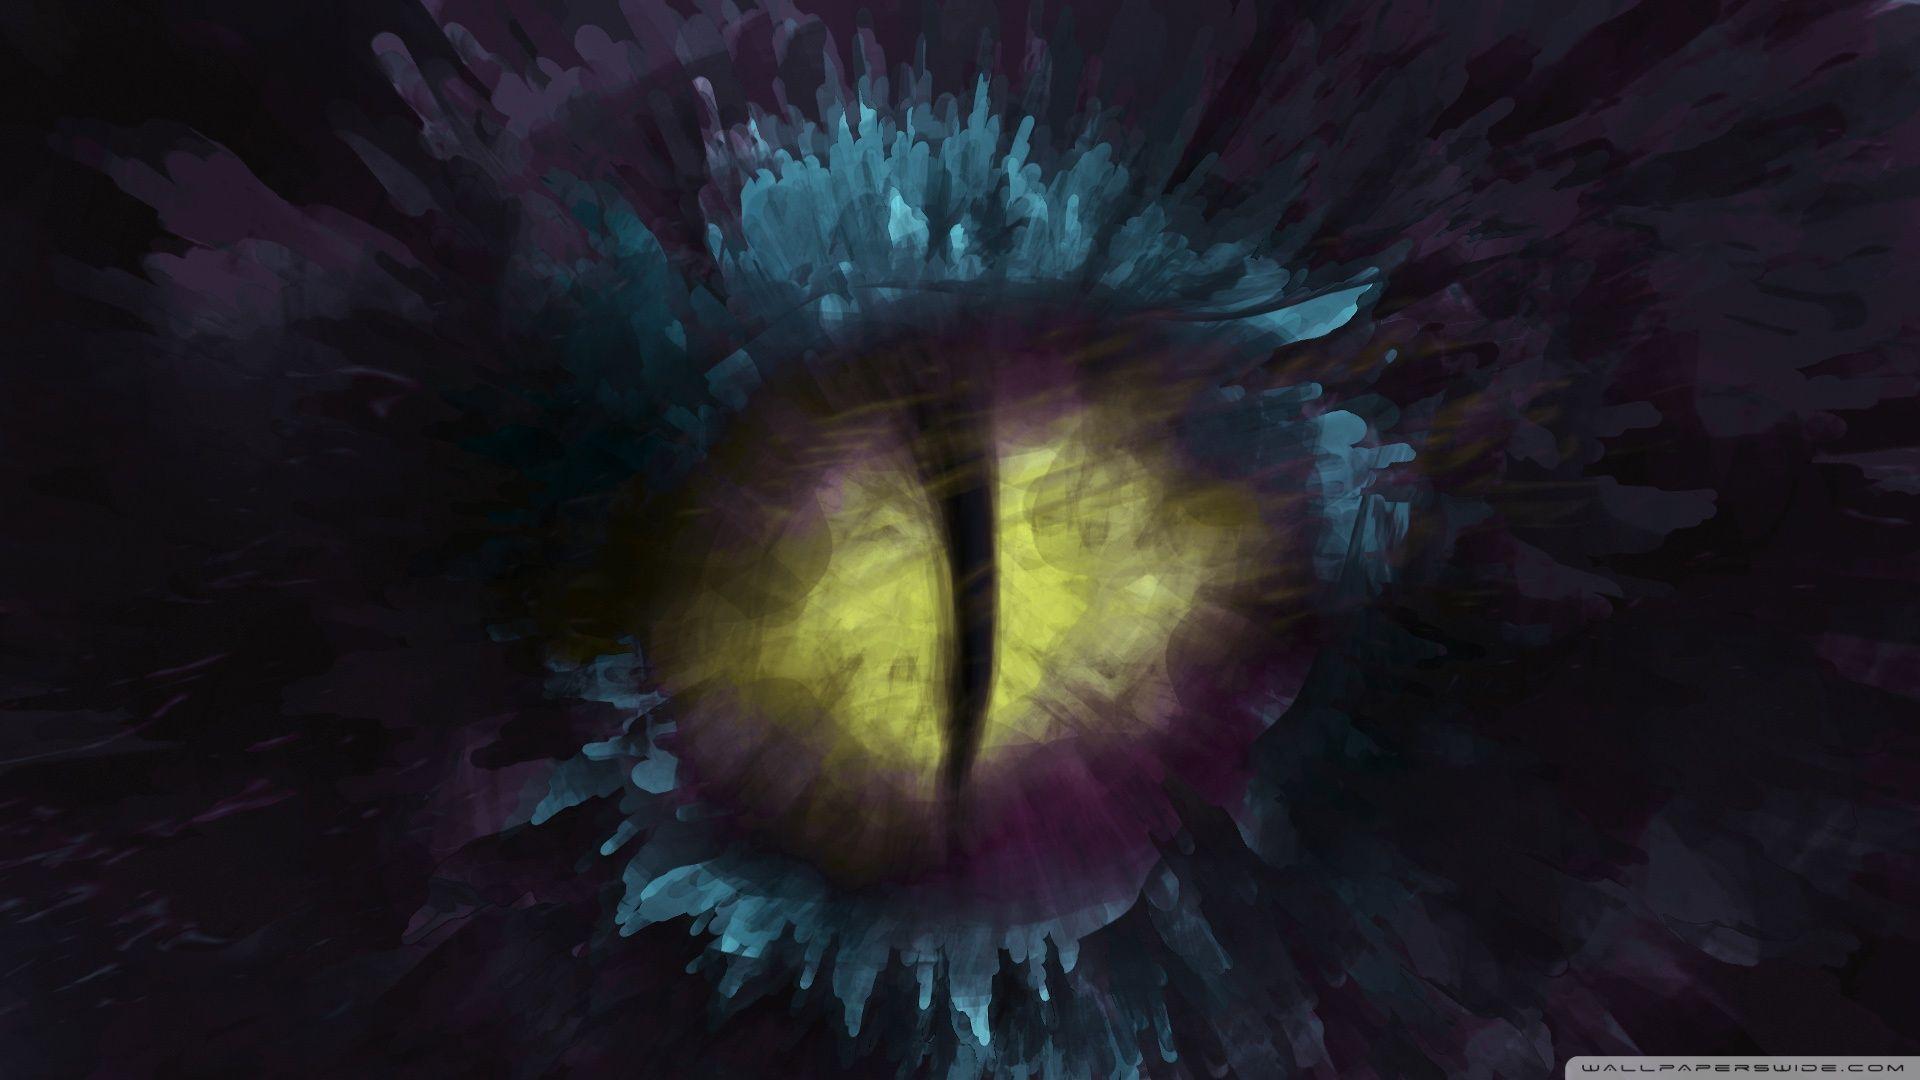 Dragon Eye Wallpapers Top Free Dragon Eye Backgrounds Wallpaperaccess